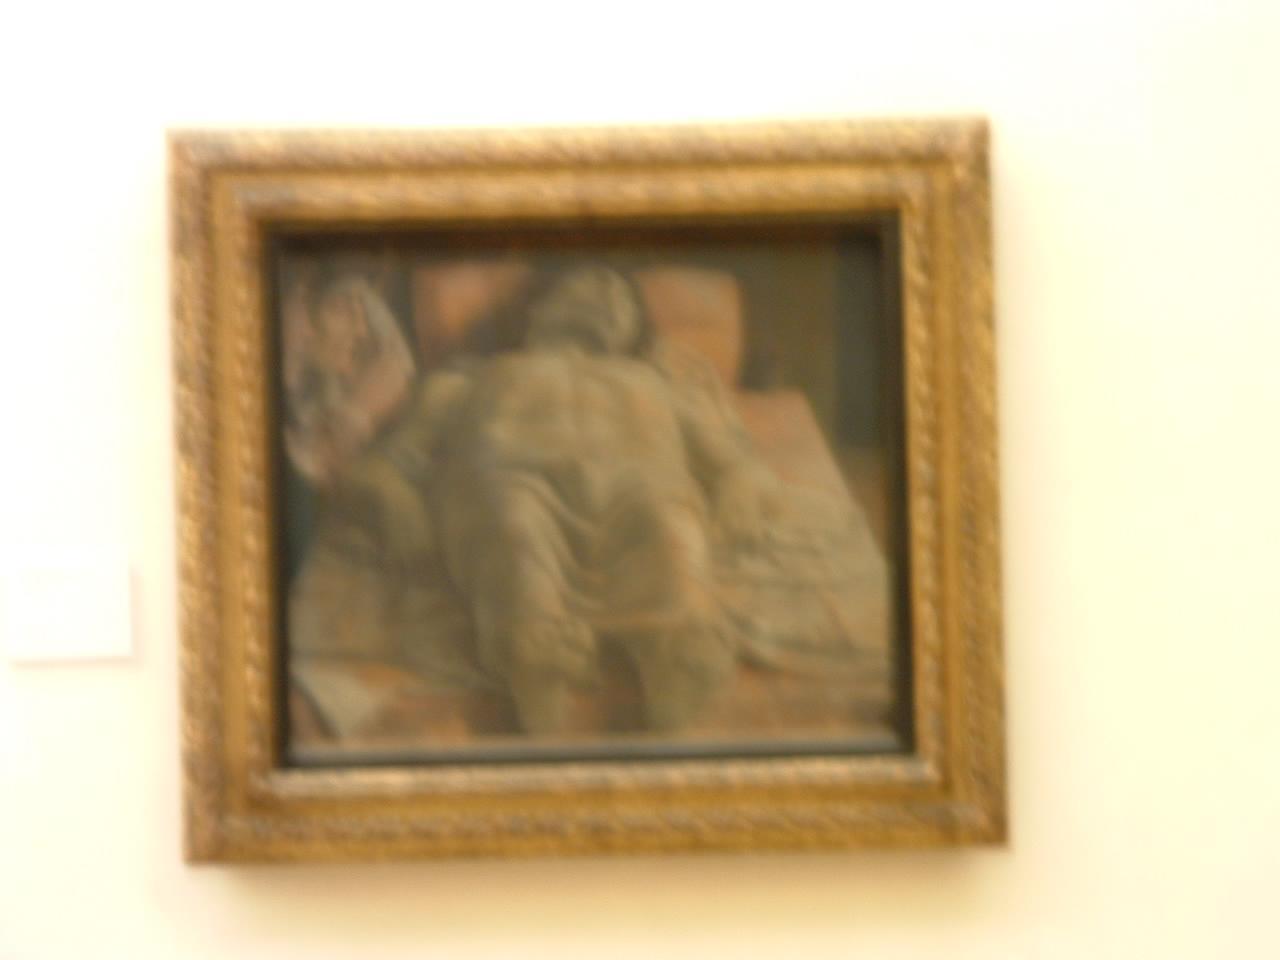 アンドレア・マンテーニャの画像 p1_14